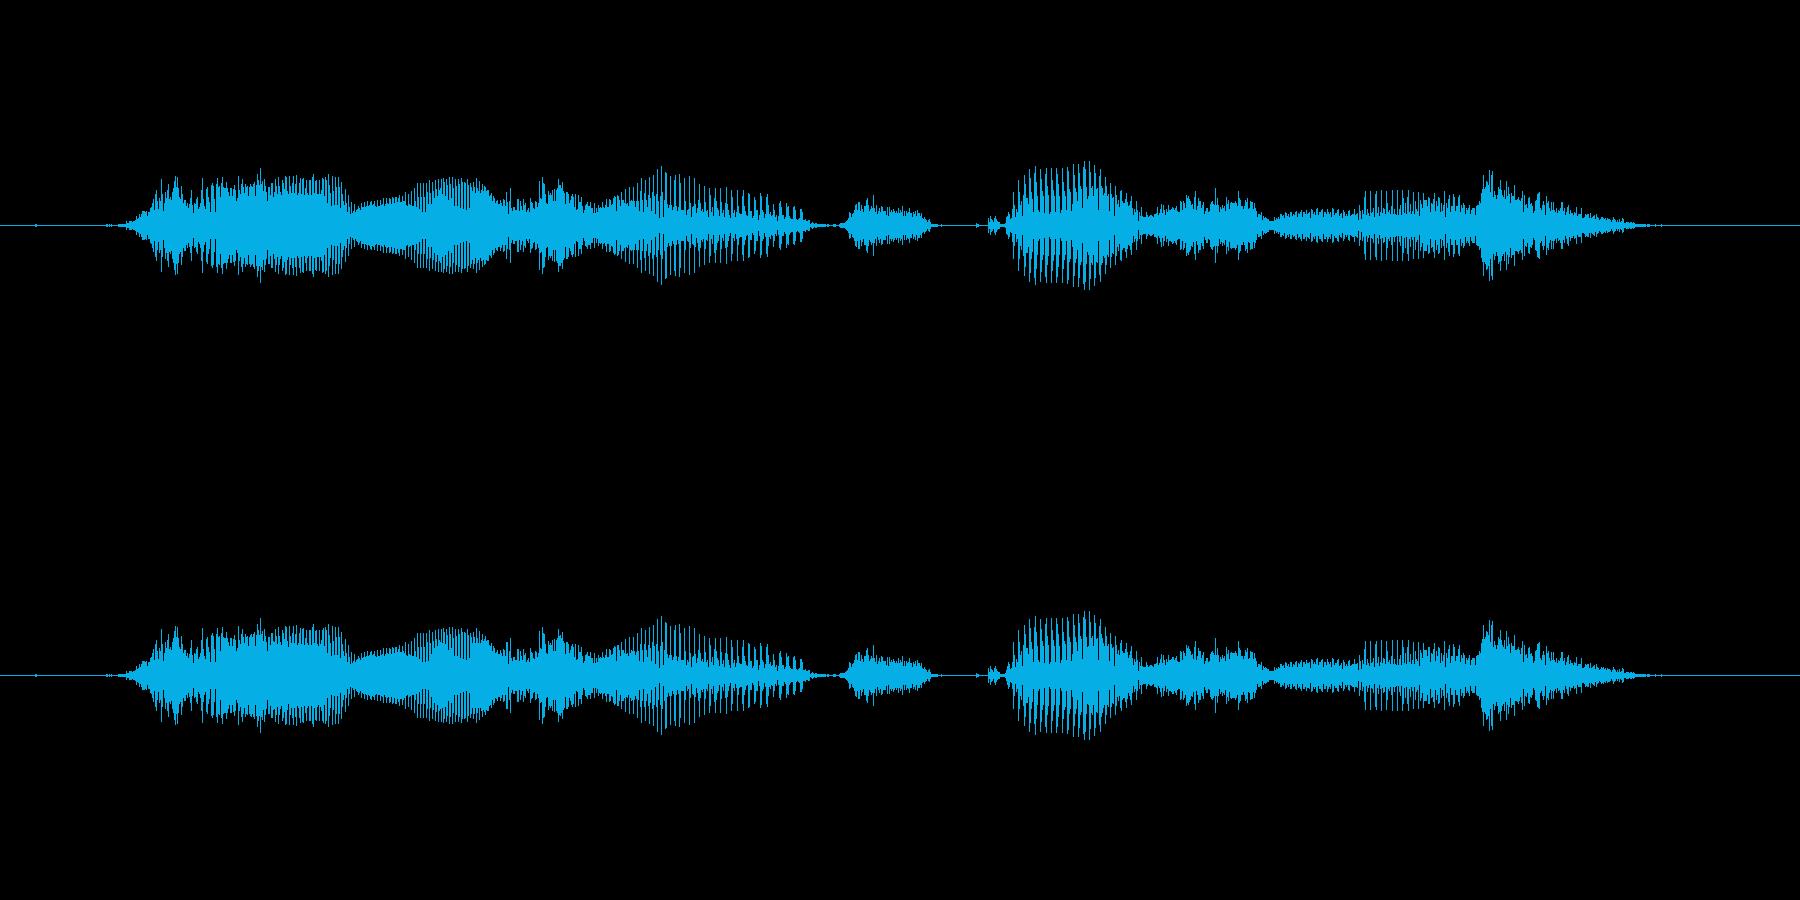 【時報・時間】12時をお伝えしますの再生済みの波形